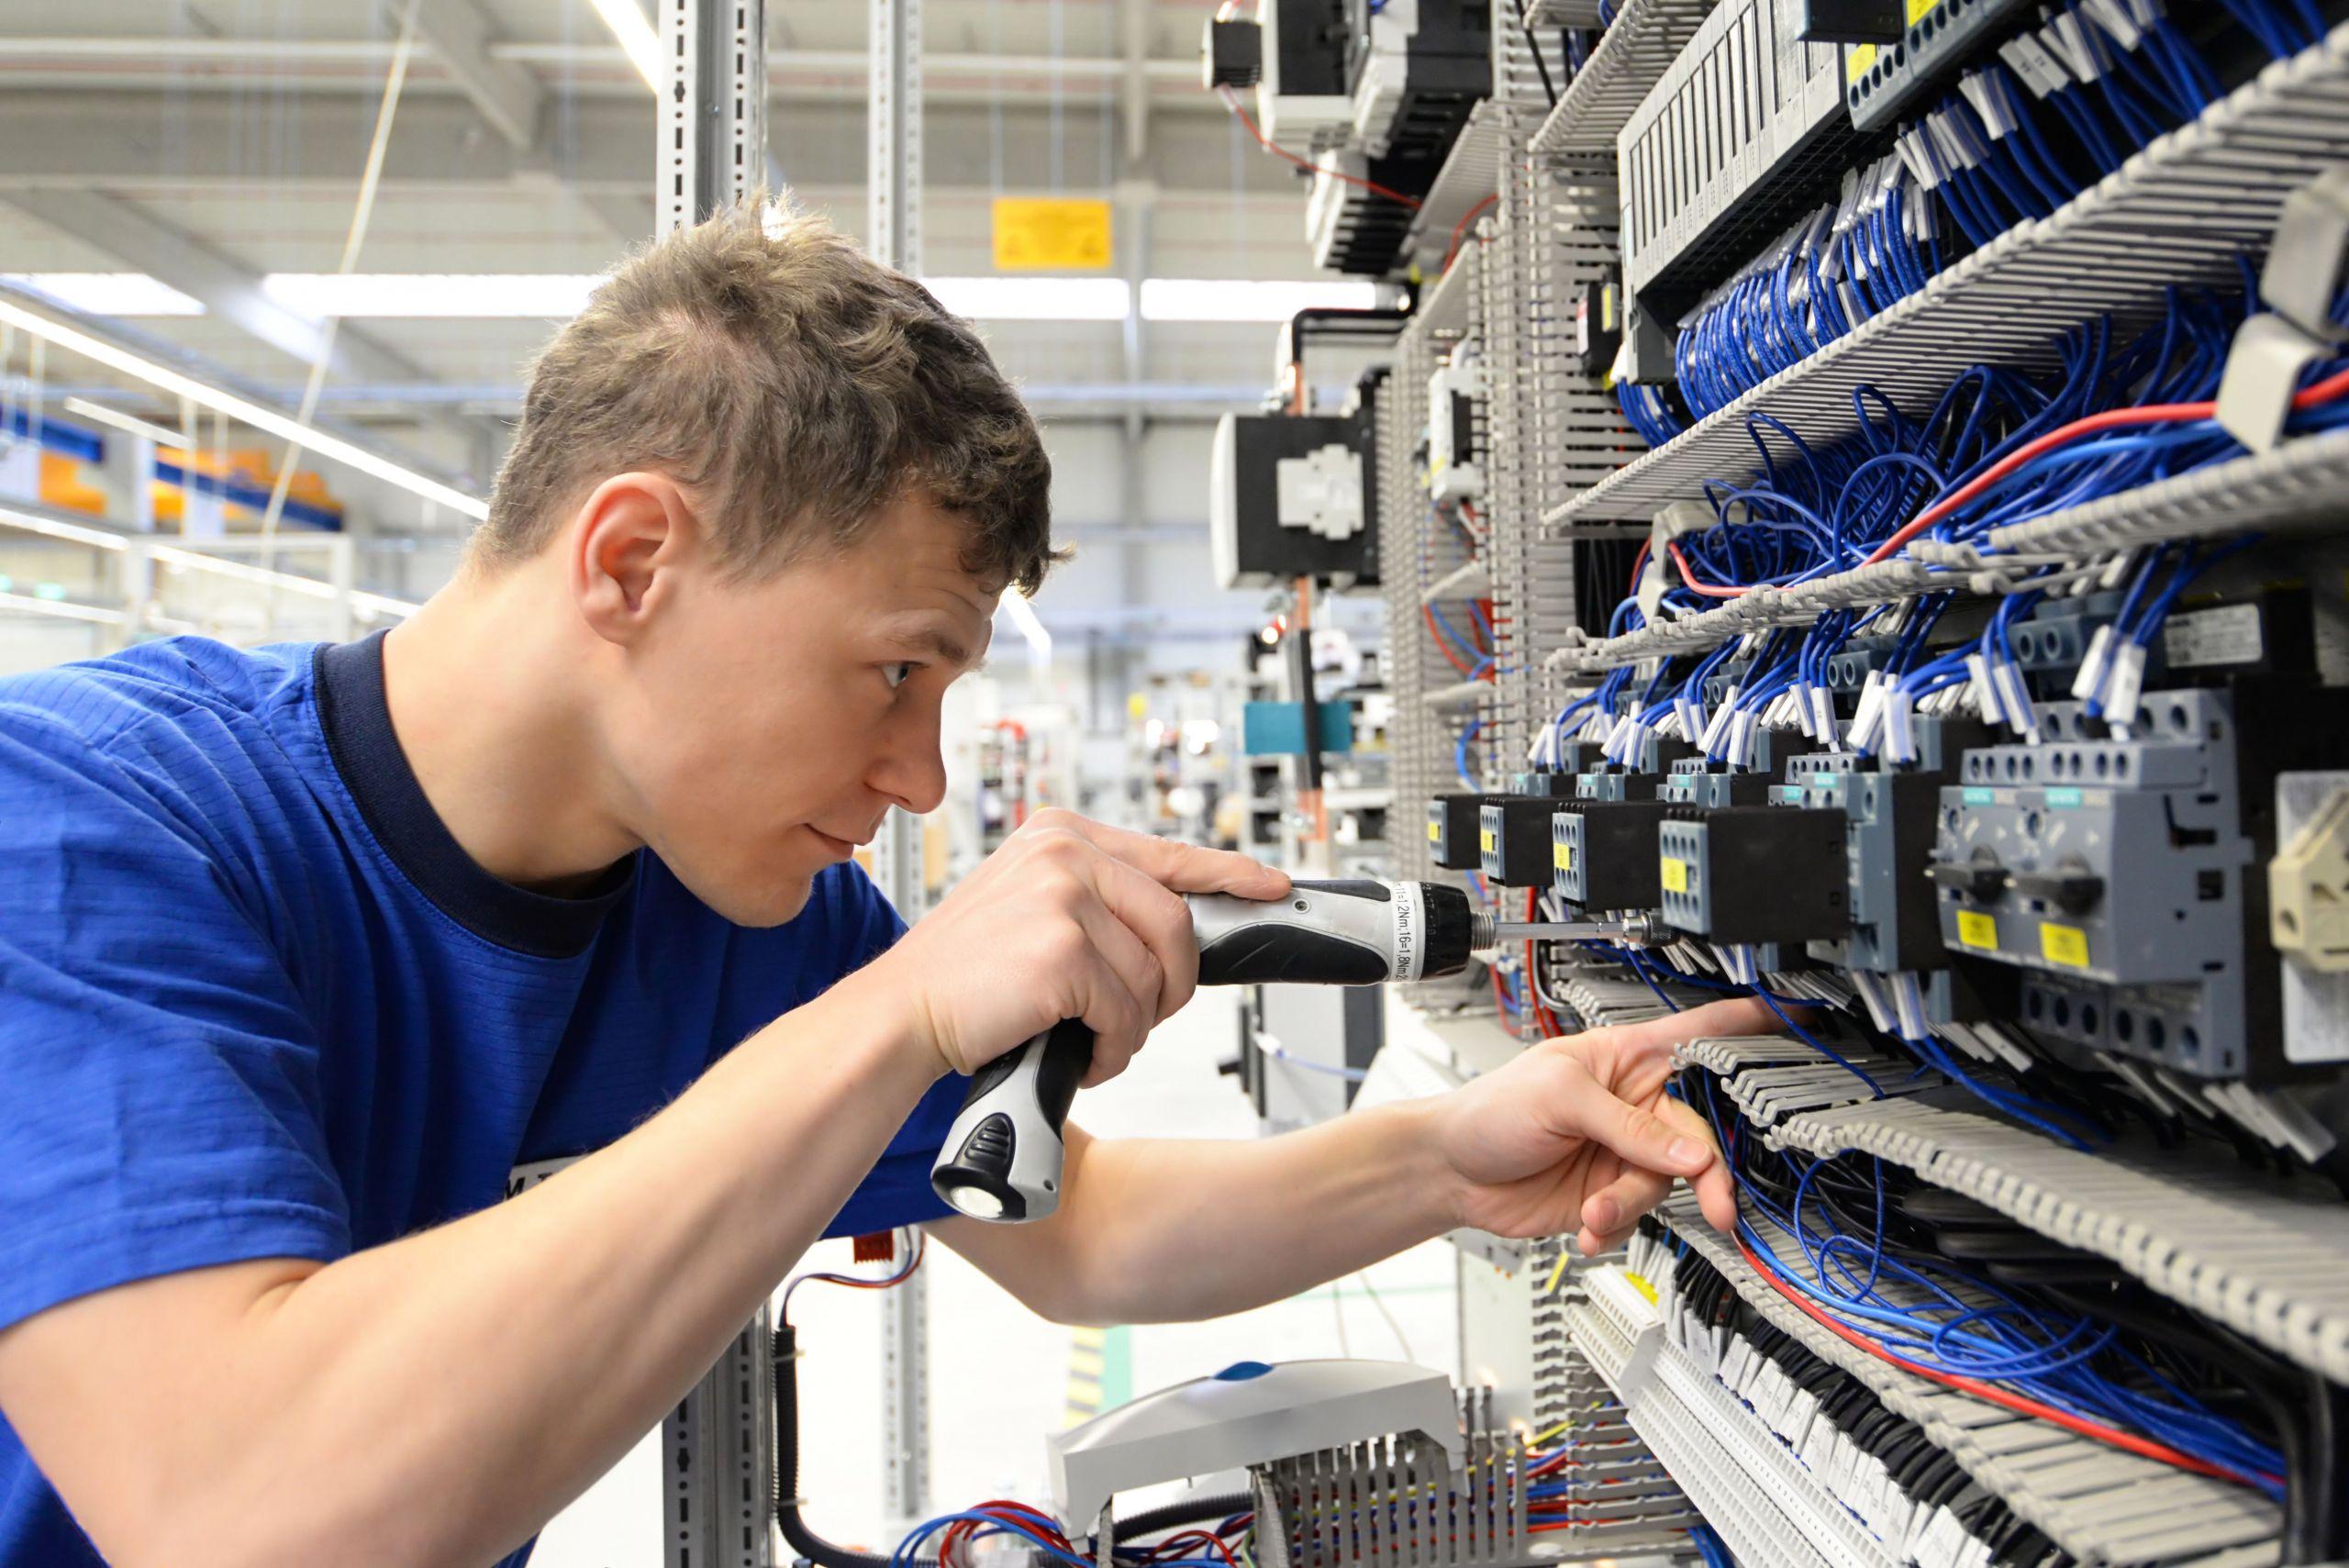 Elektroniker der Betriebstechnik